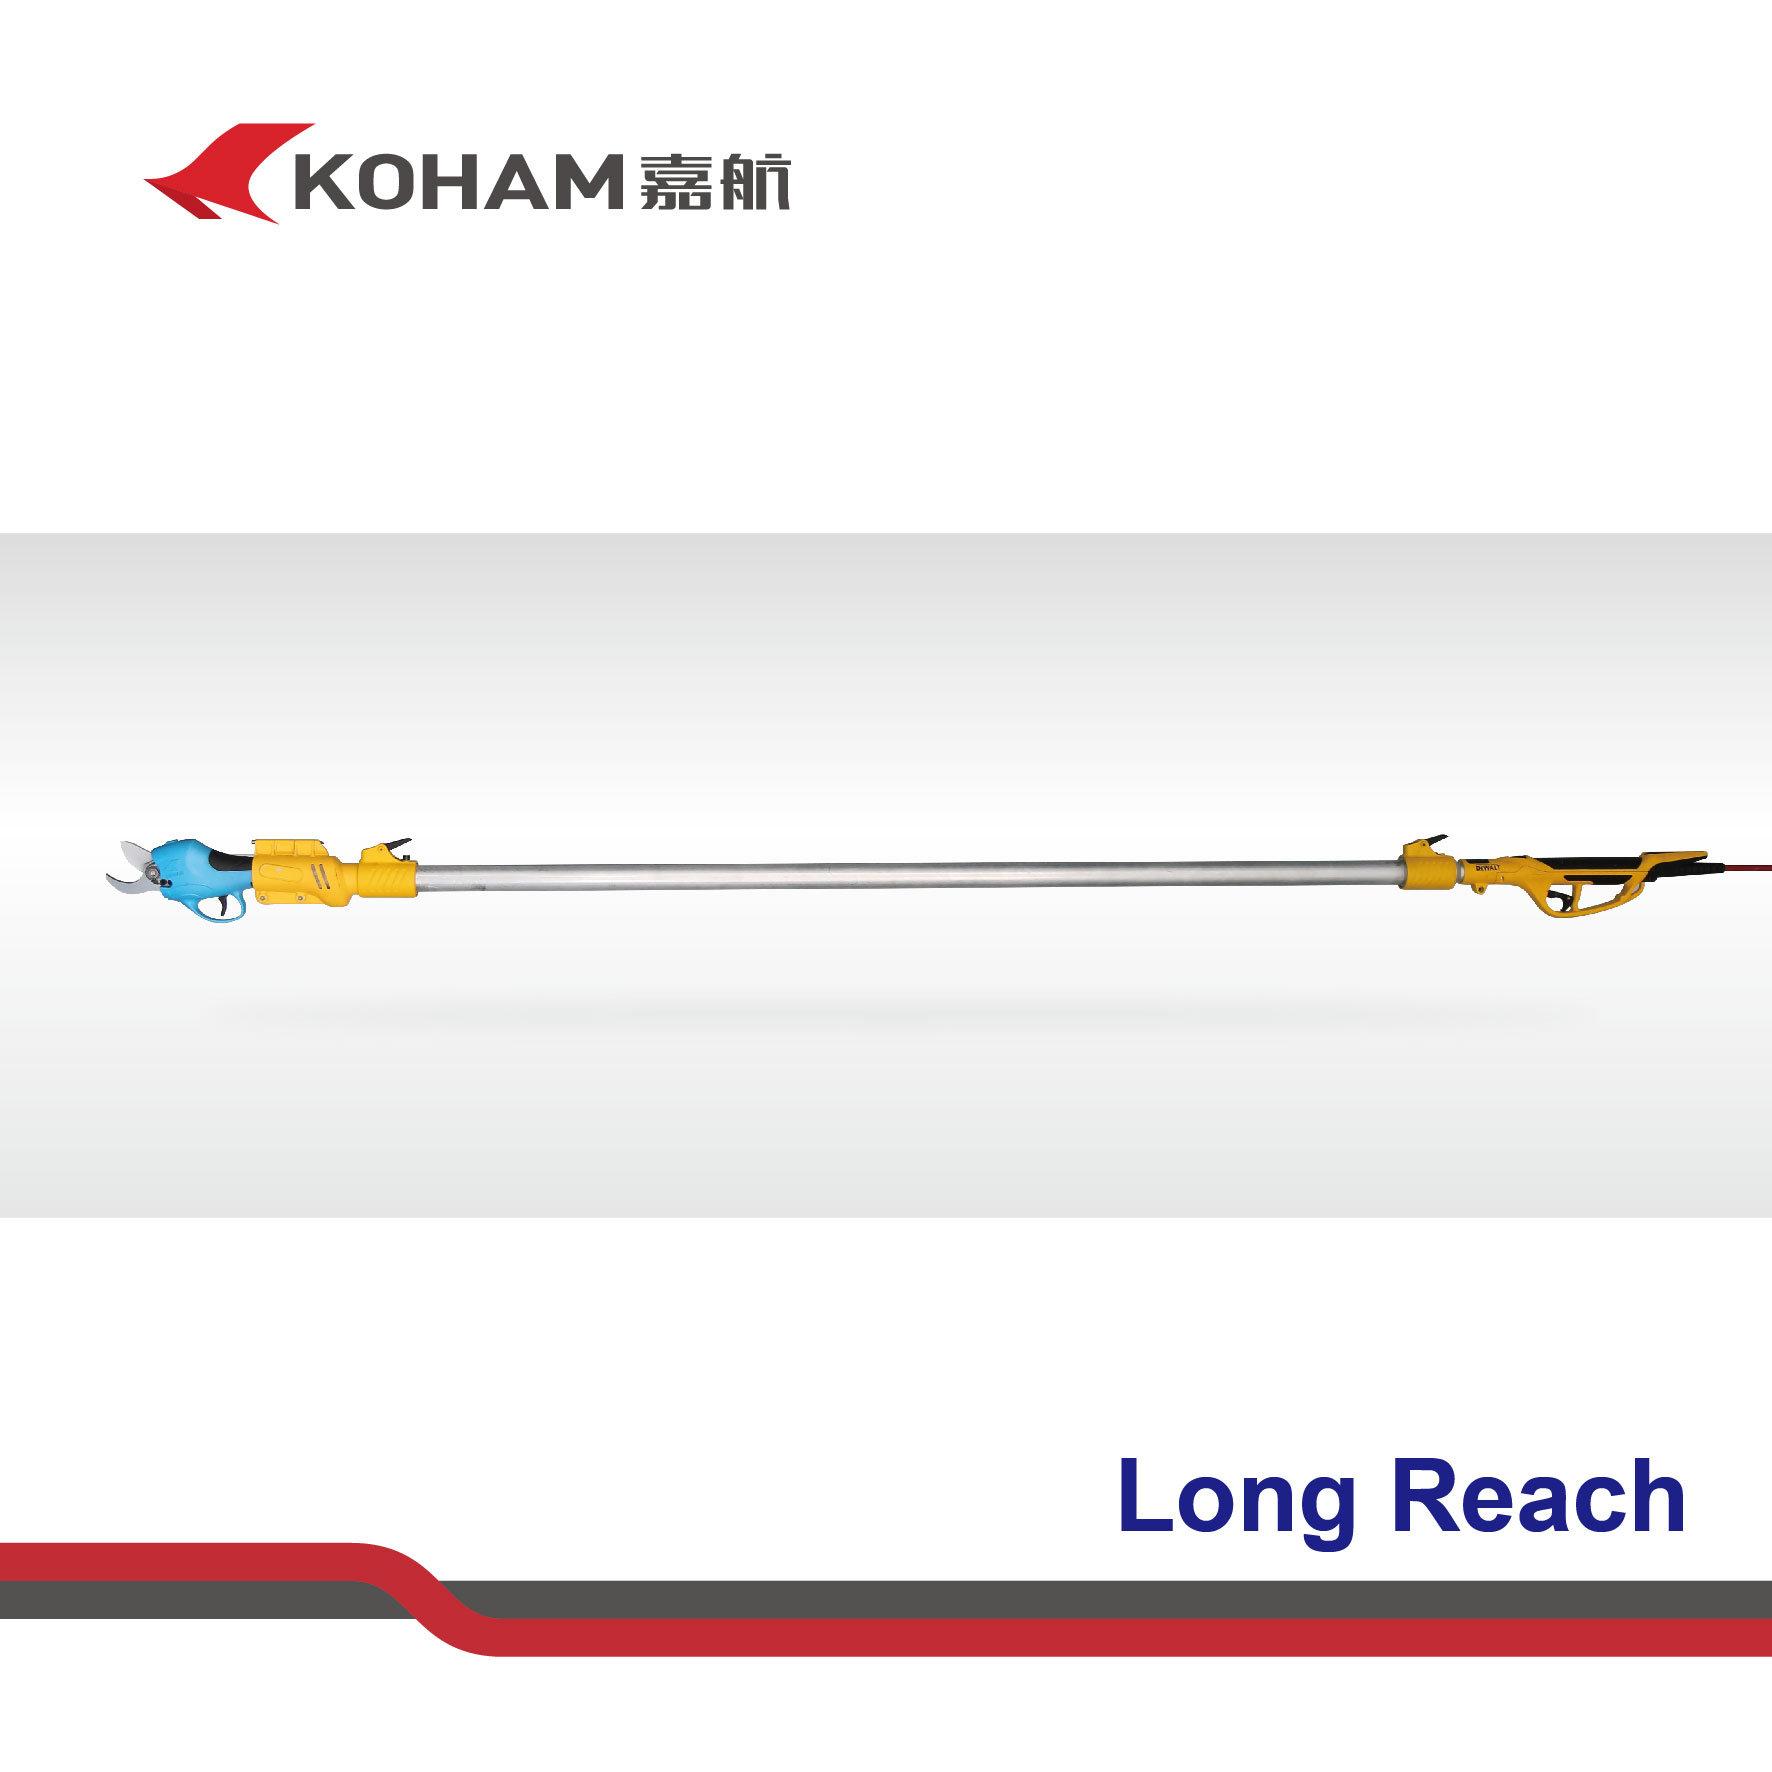 Koham Tools Long Reach Cutting Lithium